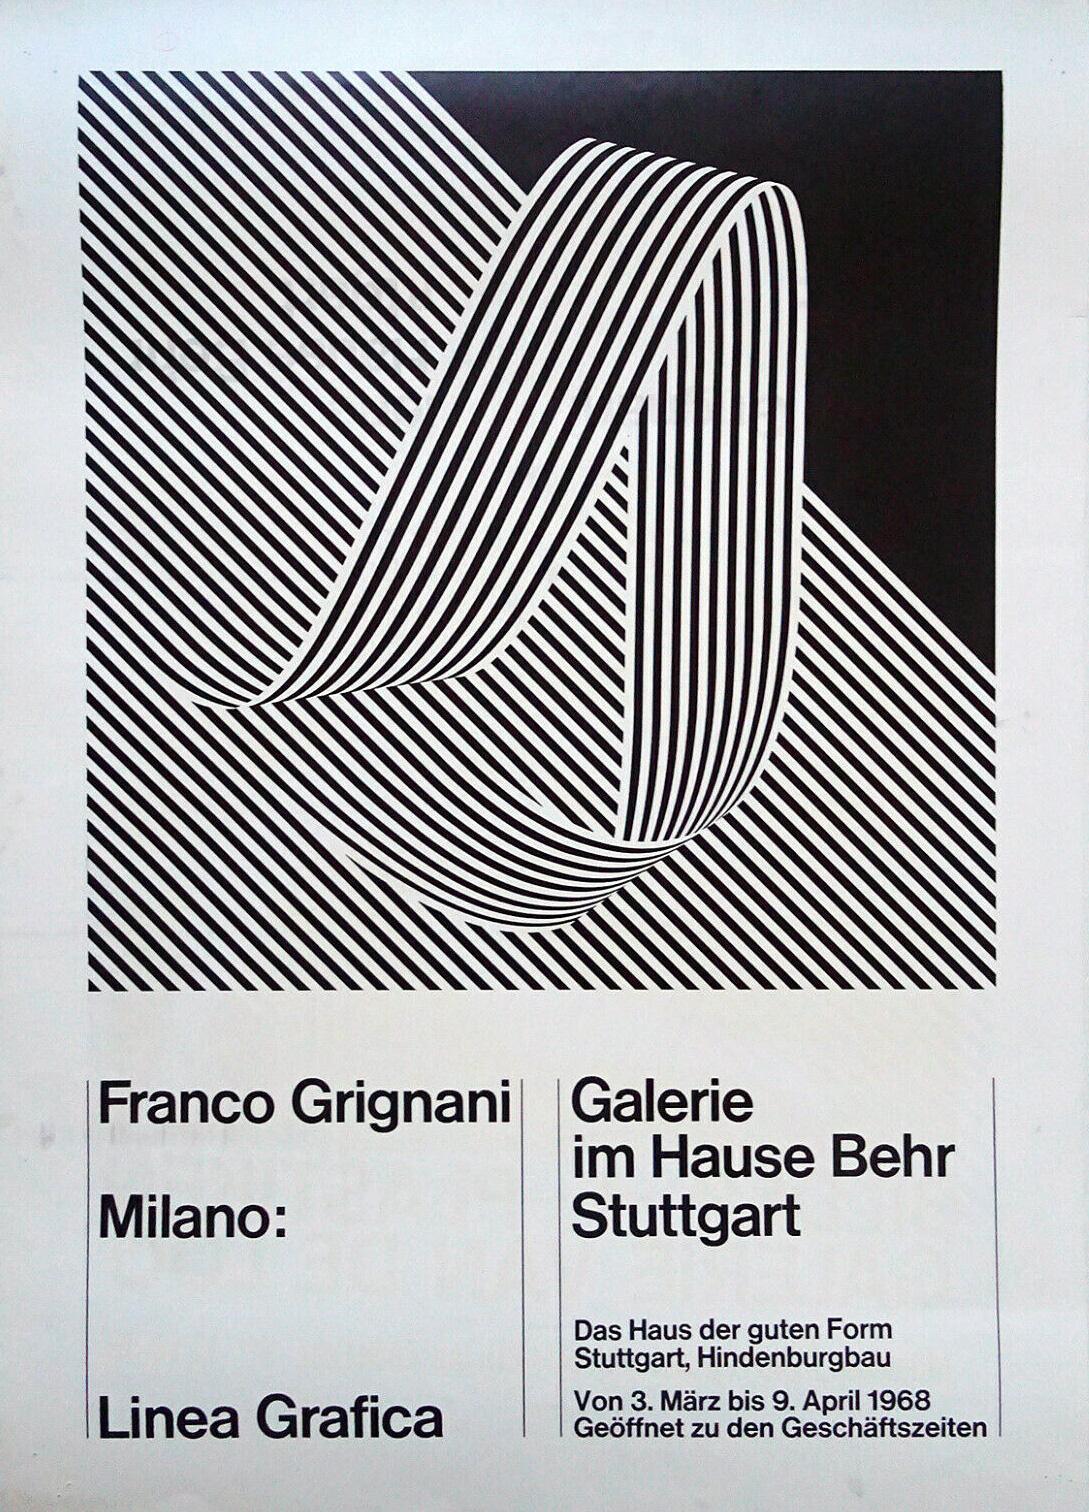 Franco Grignani, Galerie im Hause Behr, 1968